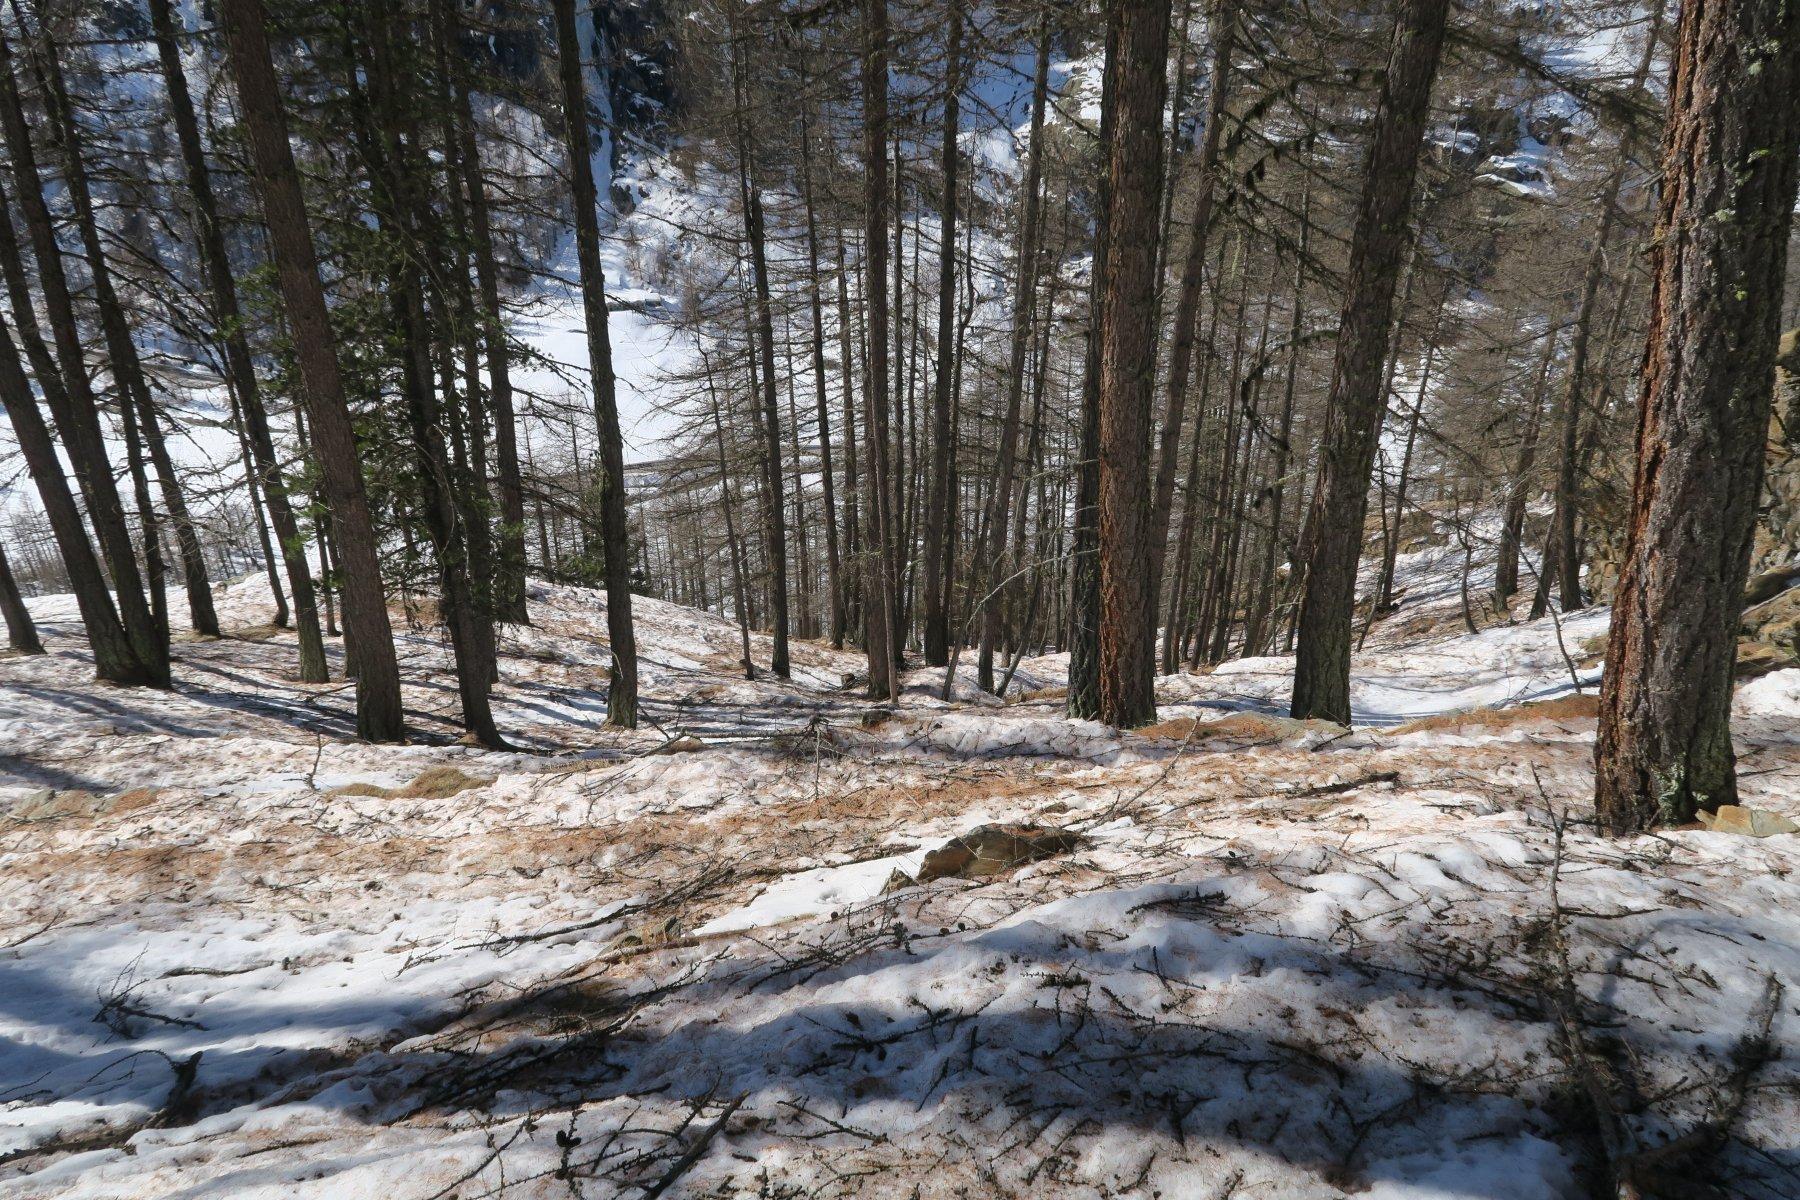 nel bosco tanti rami e rametti